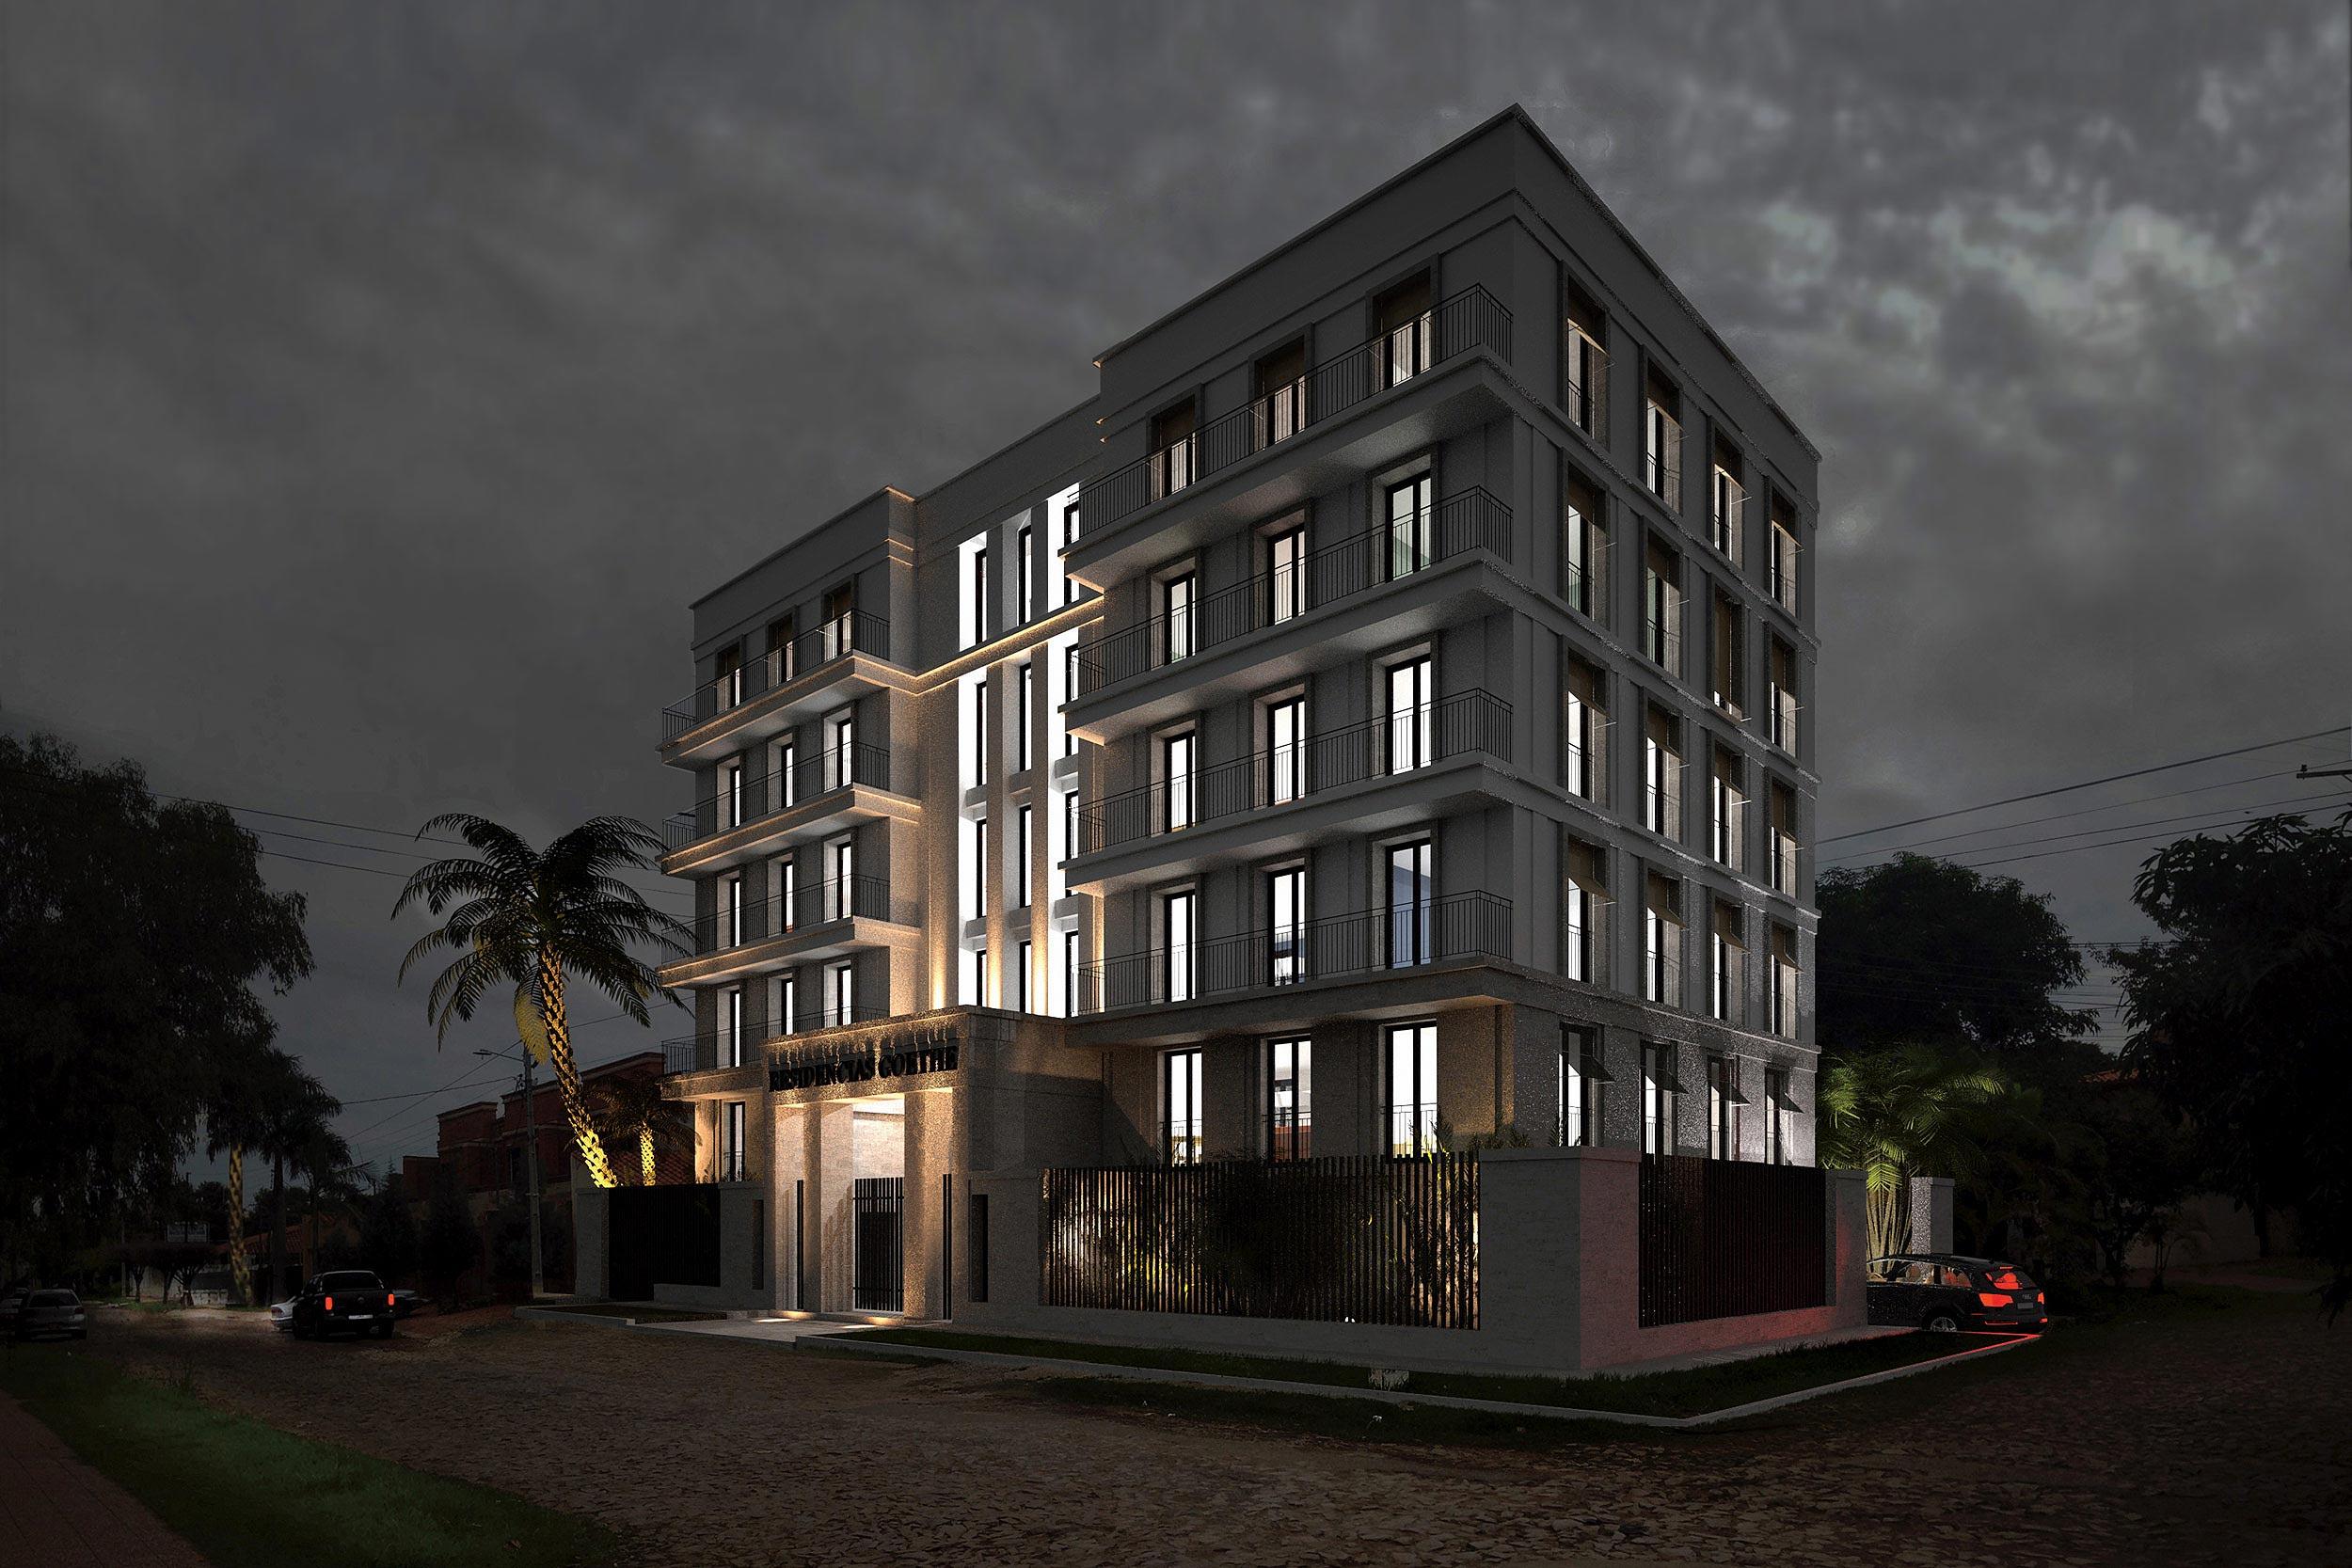 GOETHE RESIDENZEN - Neubau eines Appartementhauses mit exklusiven Wohnungen - Die Nachtbeleuchtung betont die Fassadenstruktur und die ausladenden Balkone.